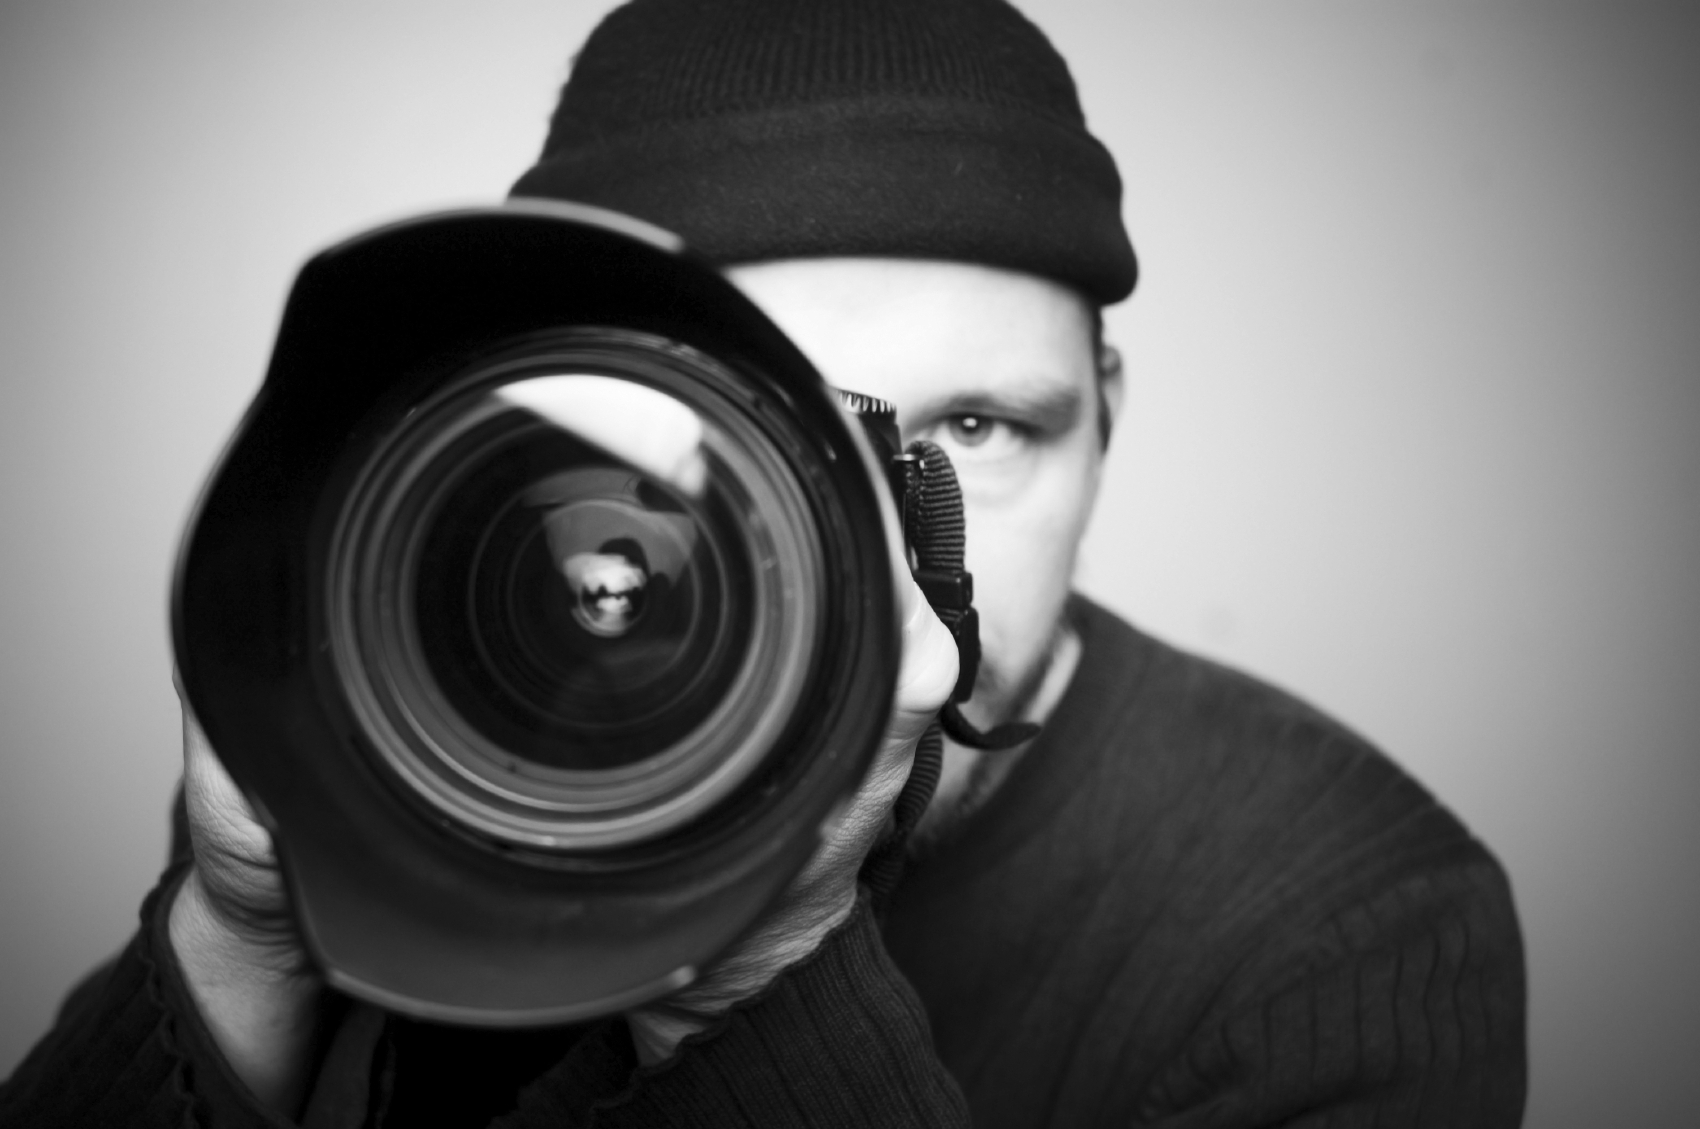 Фотографии из украденных фотоаппаратов 10 фотография